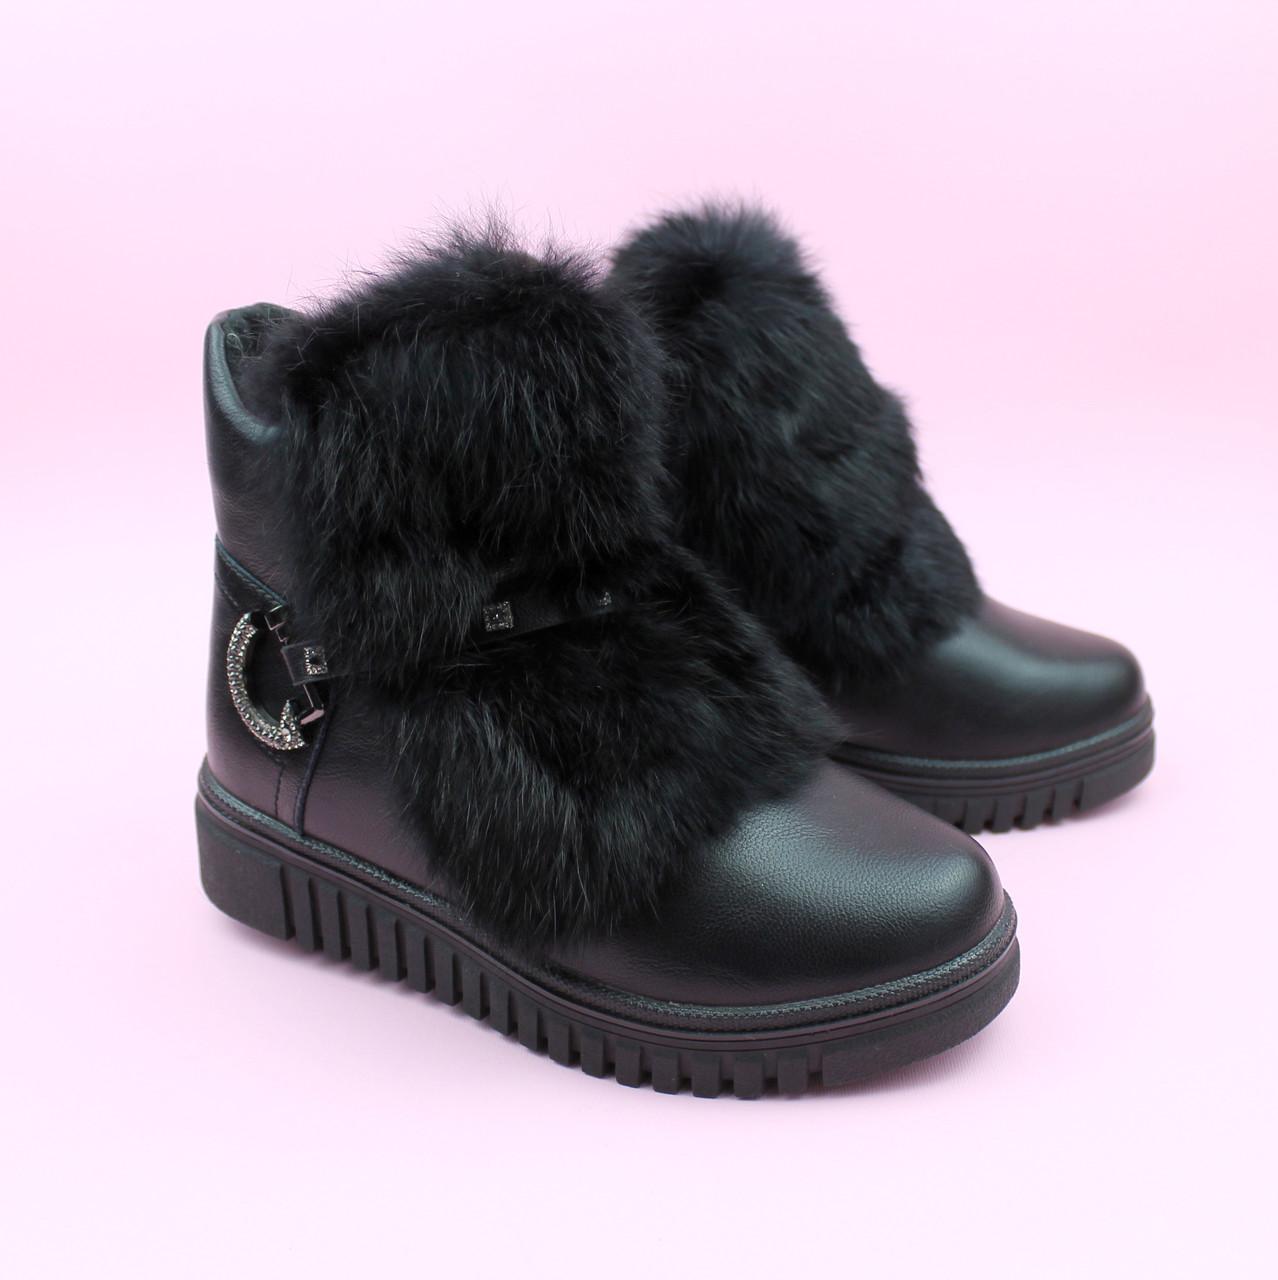 Зимние ботинки сапожки для девочки черные тм Том.м размер 34,37